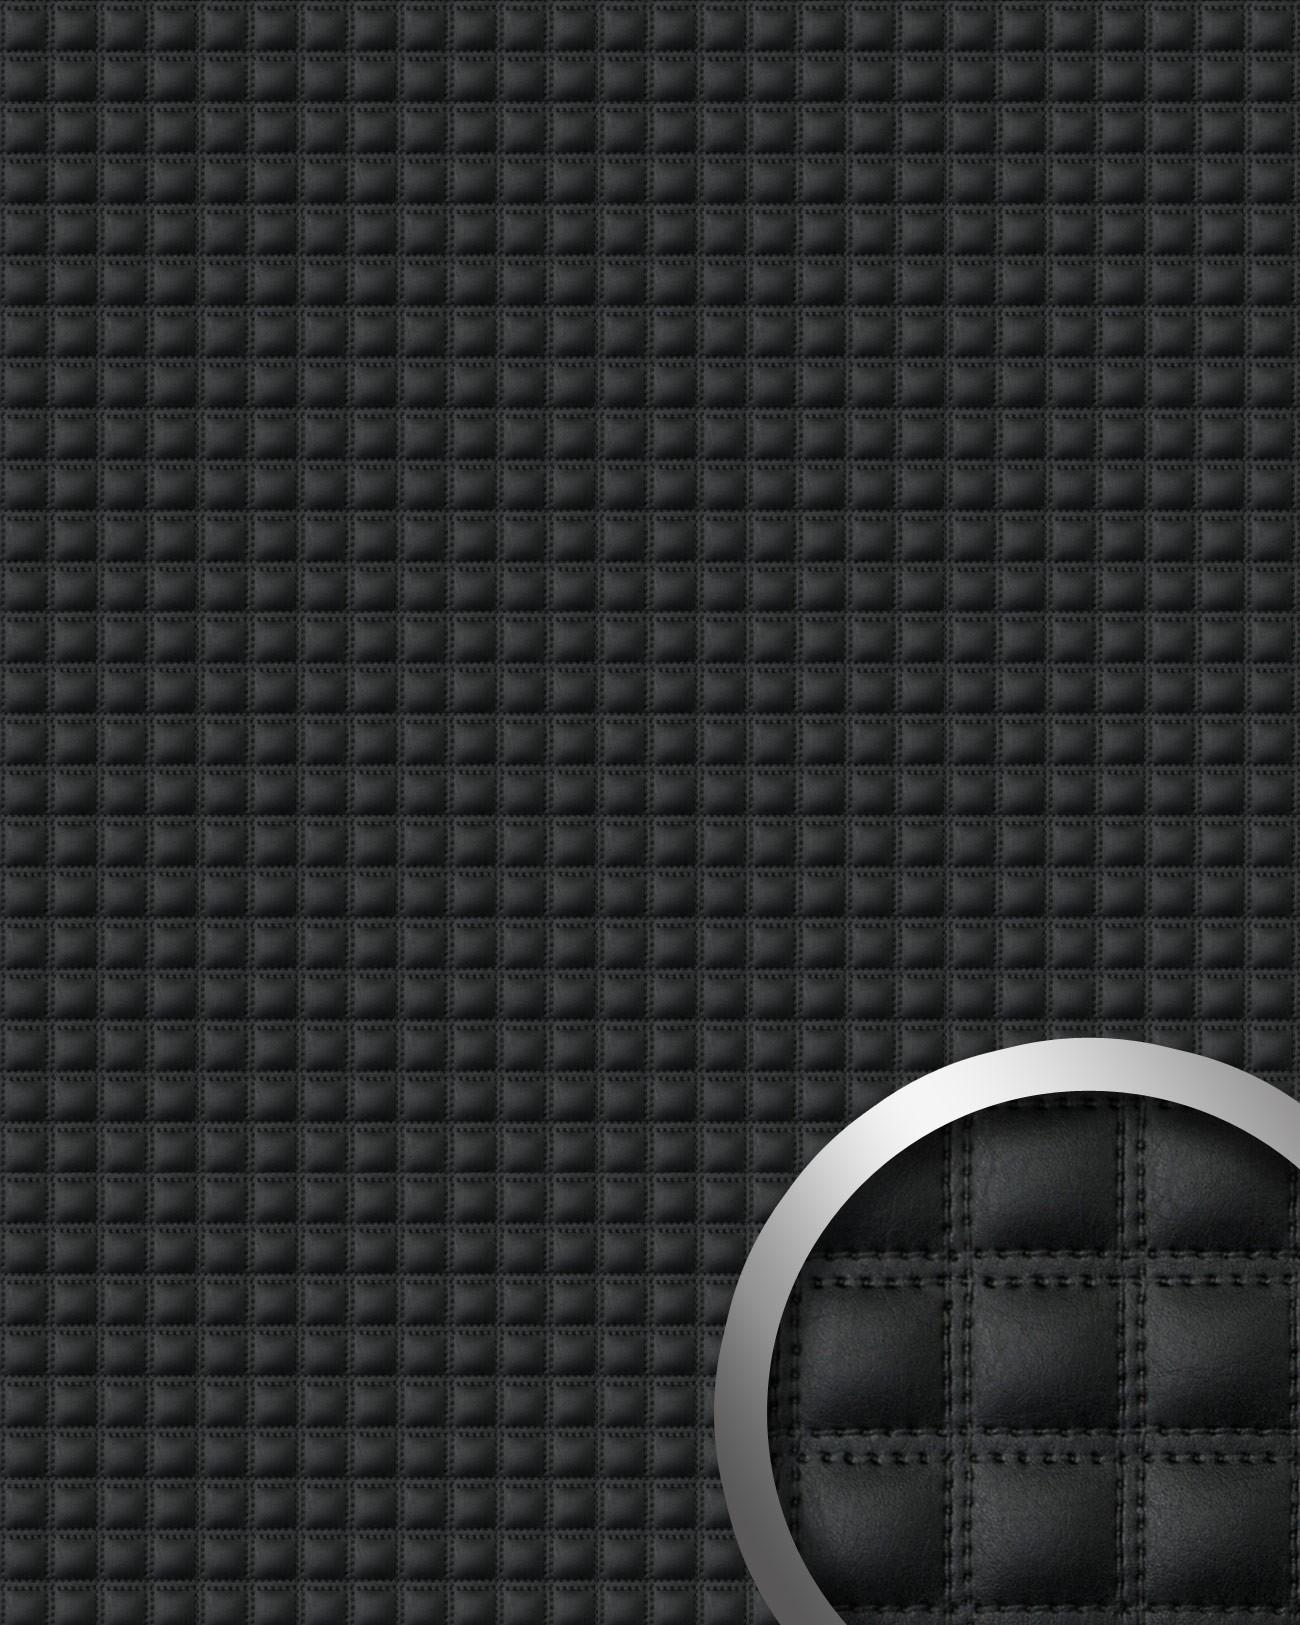 Papier Peint Capitonné Gris revêtement mural de design auto-adhésif wallface 15032 quadro simili cuir  capitonné effet de coutures noir 2,60 m2 | boutique en ligne profhome.fr